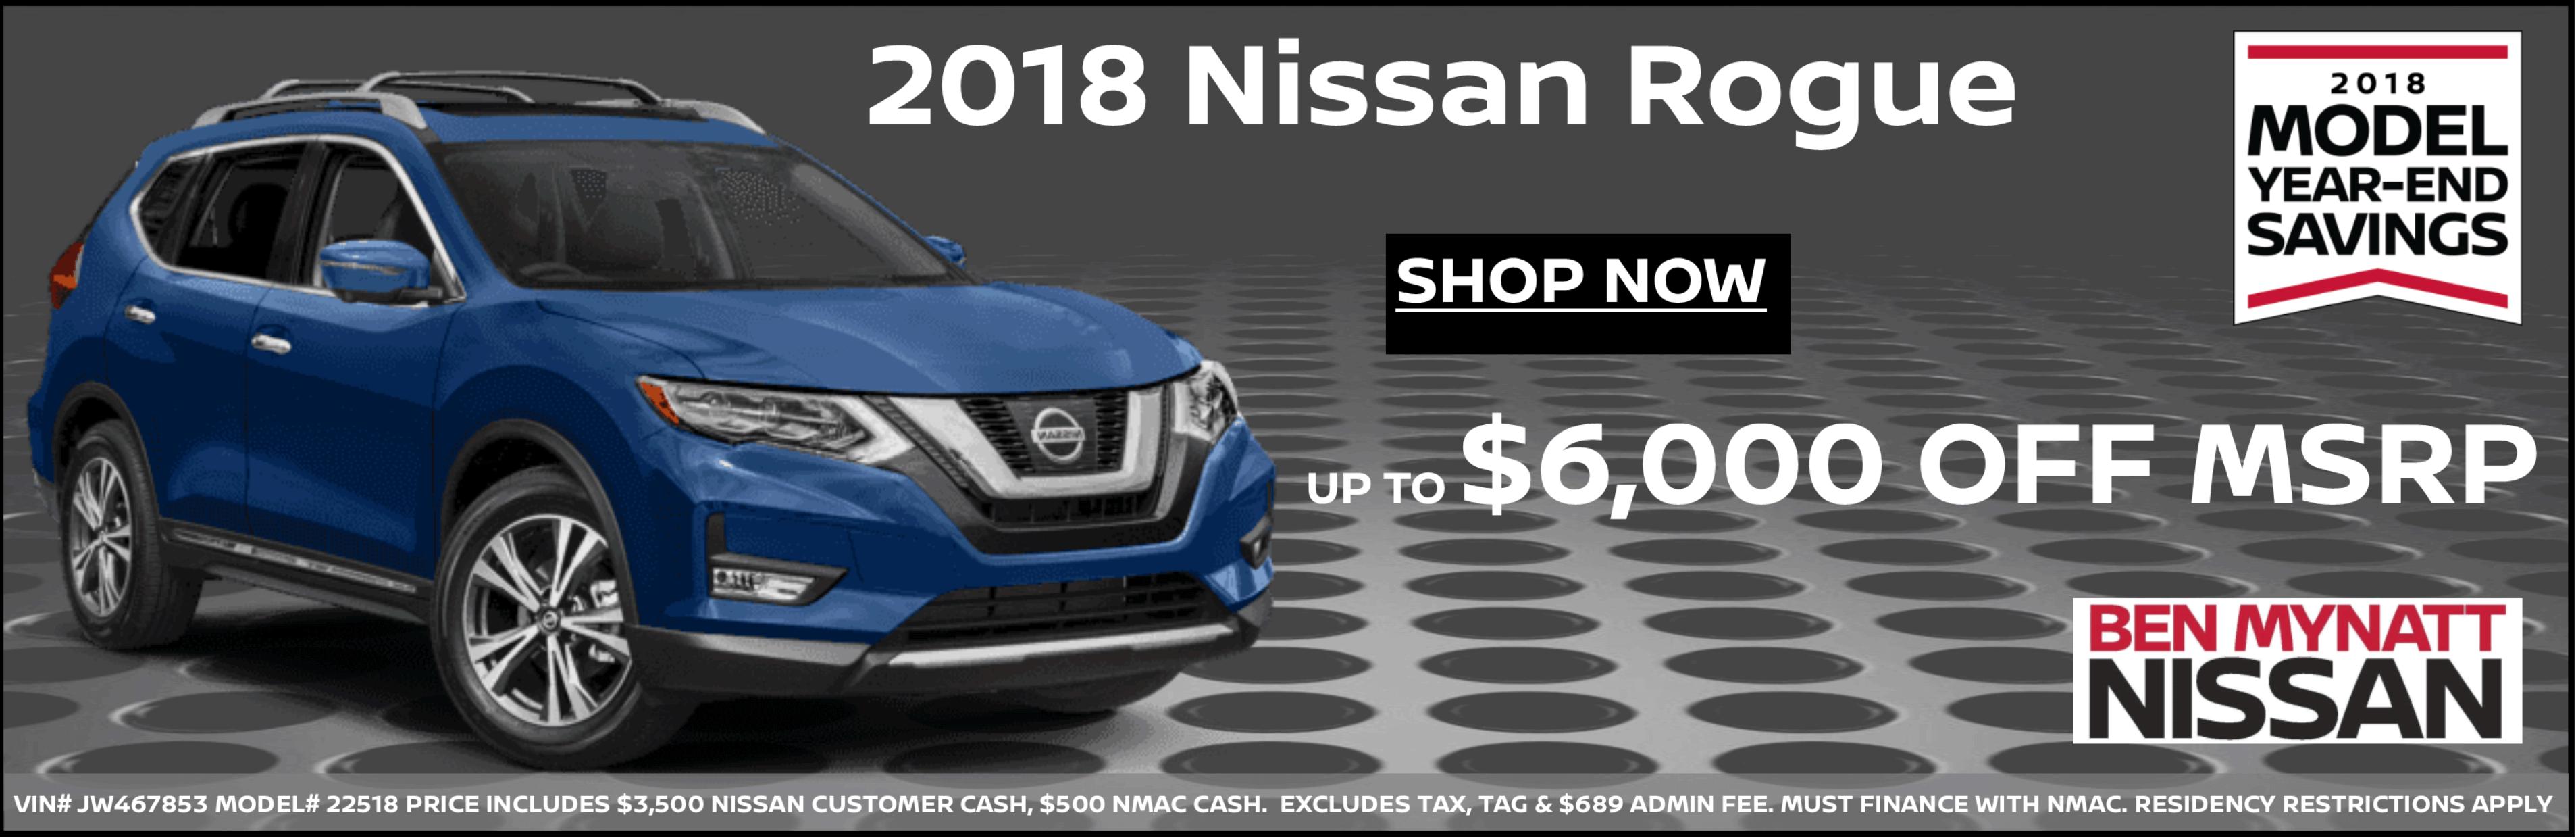 Delightful Ben Mynatt Nissan Is Your Salisbury, NC Nissan Dealer | New U0026 Used Car  Sales, Auto Repair, Parts